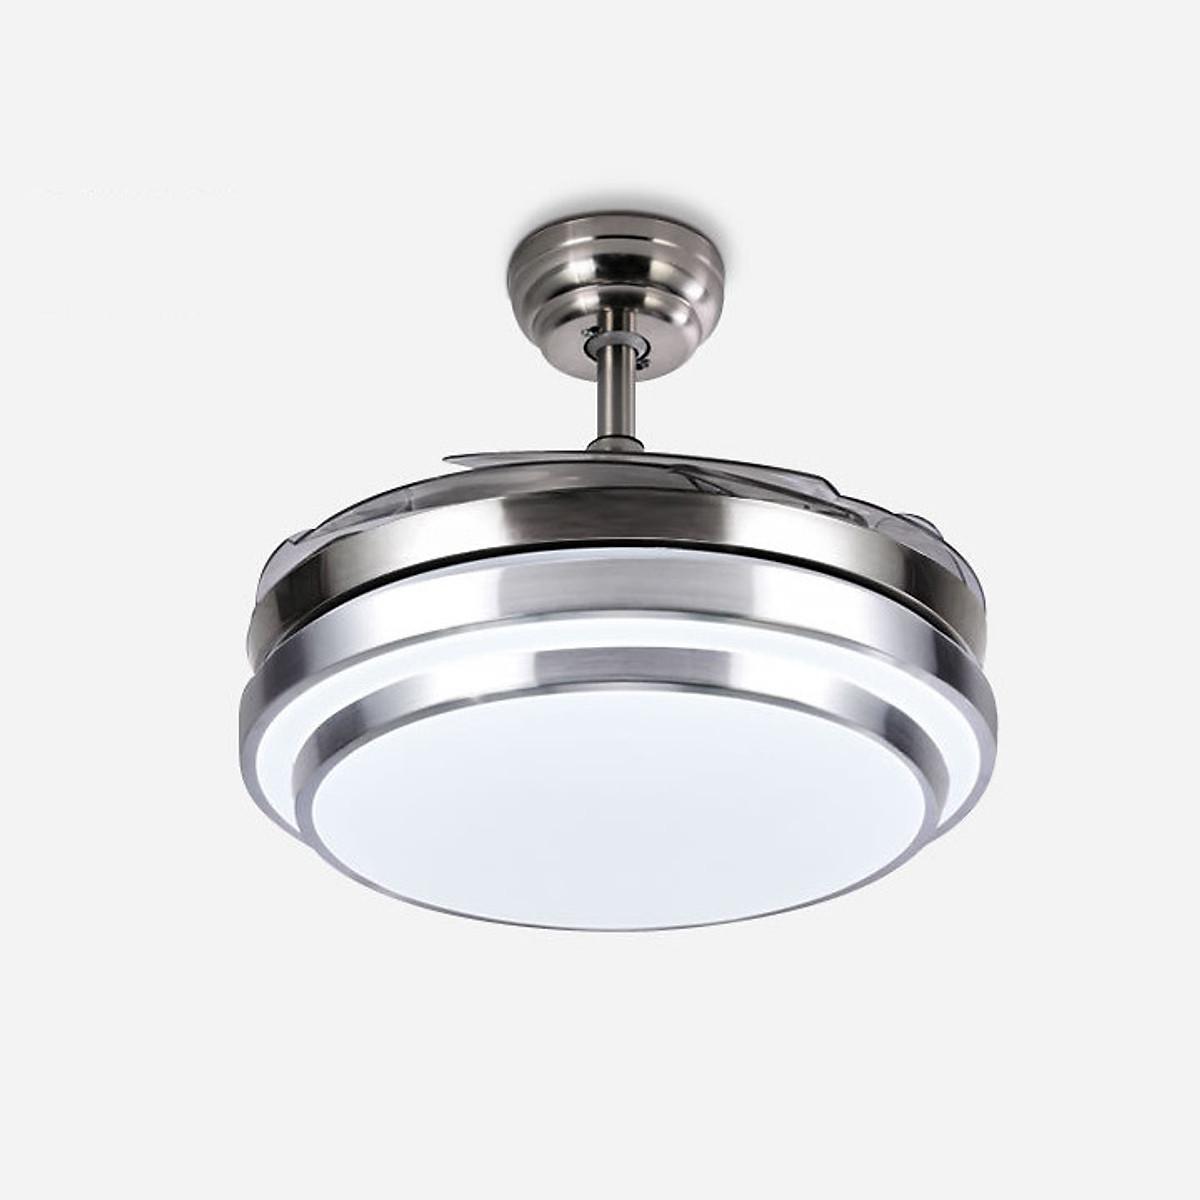 Quạt trần - Quạt trần kèm đèn trang trí - 2